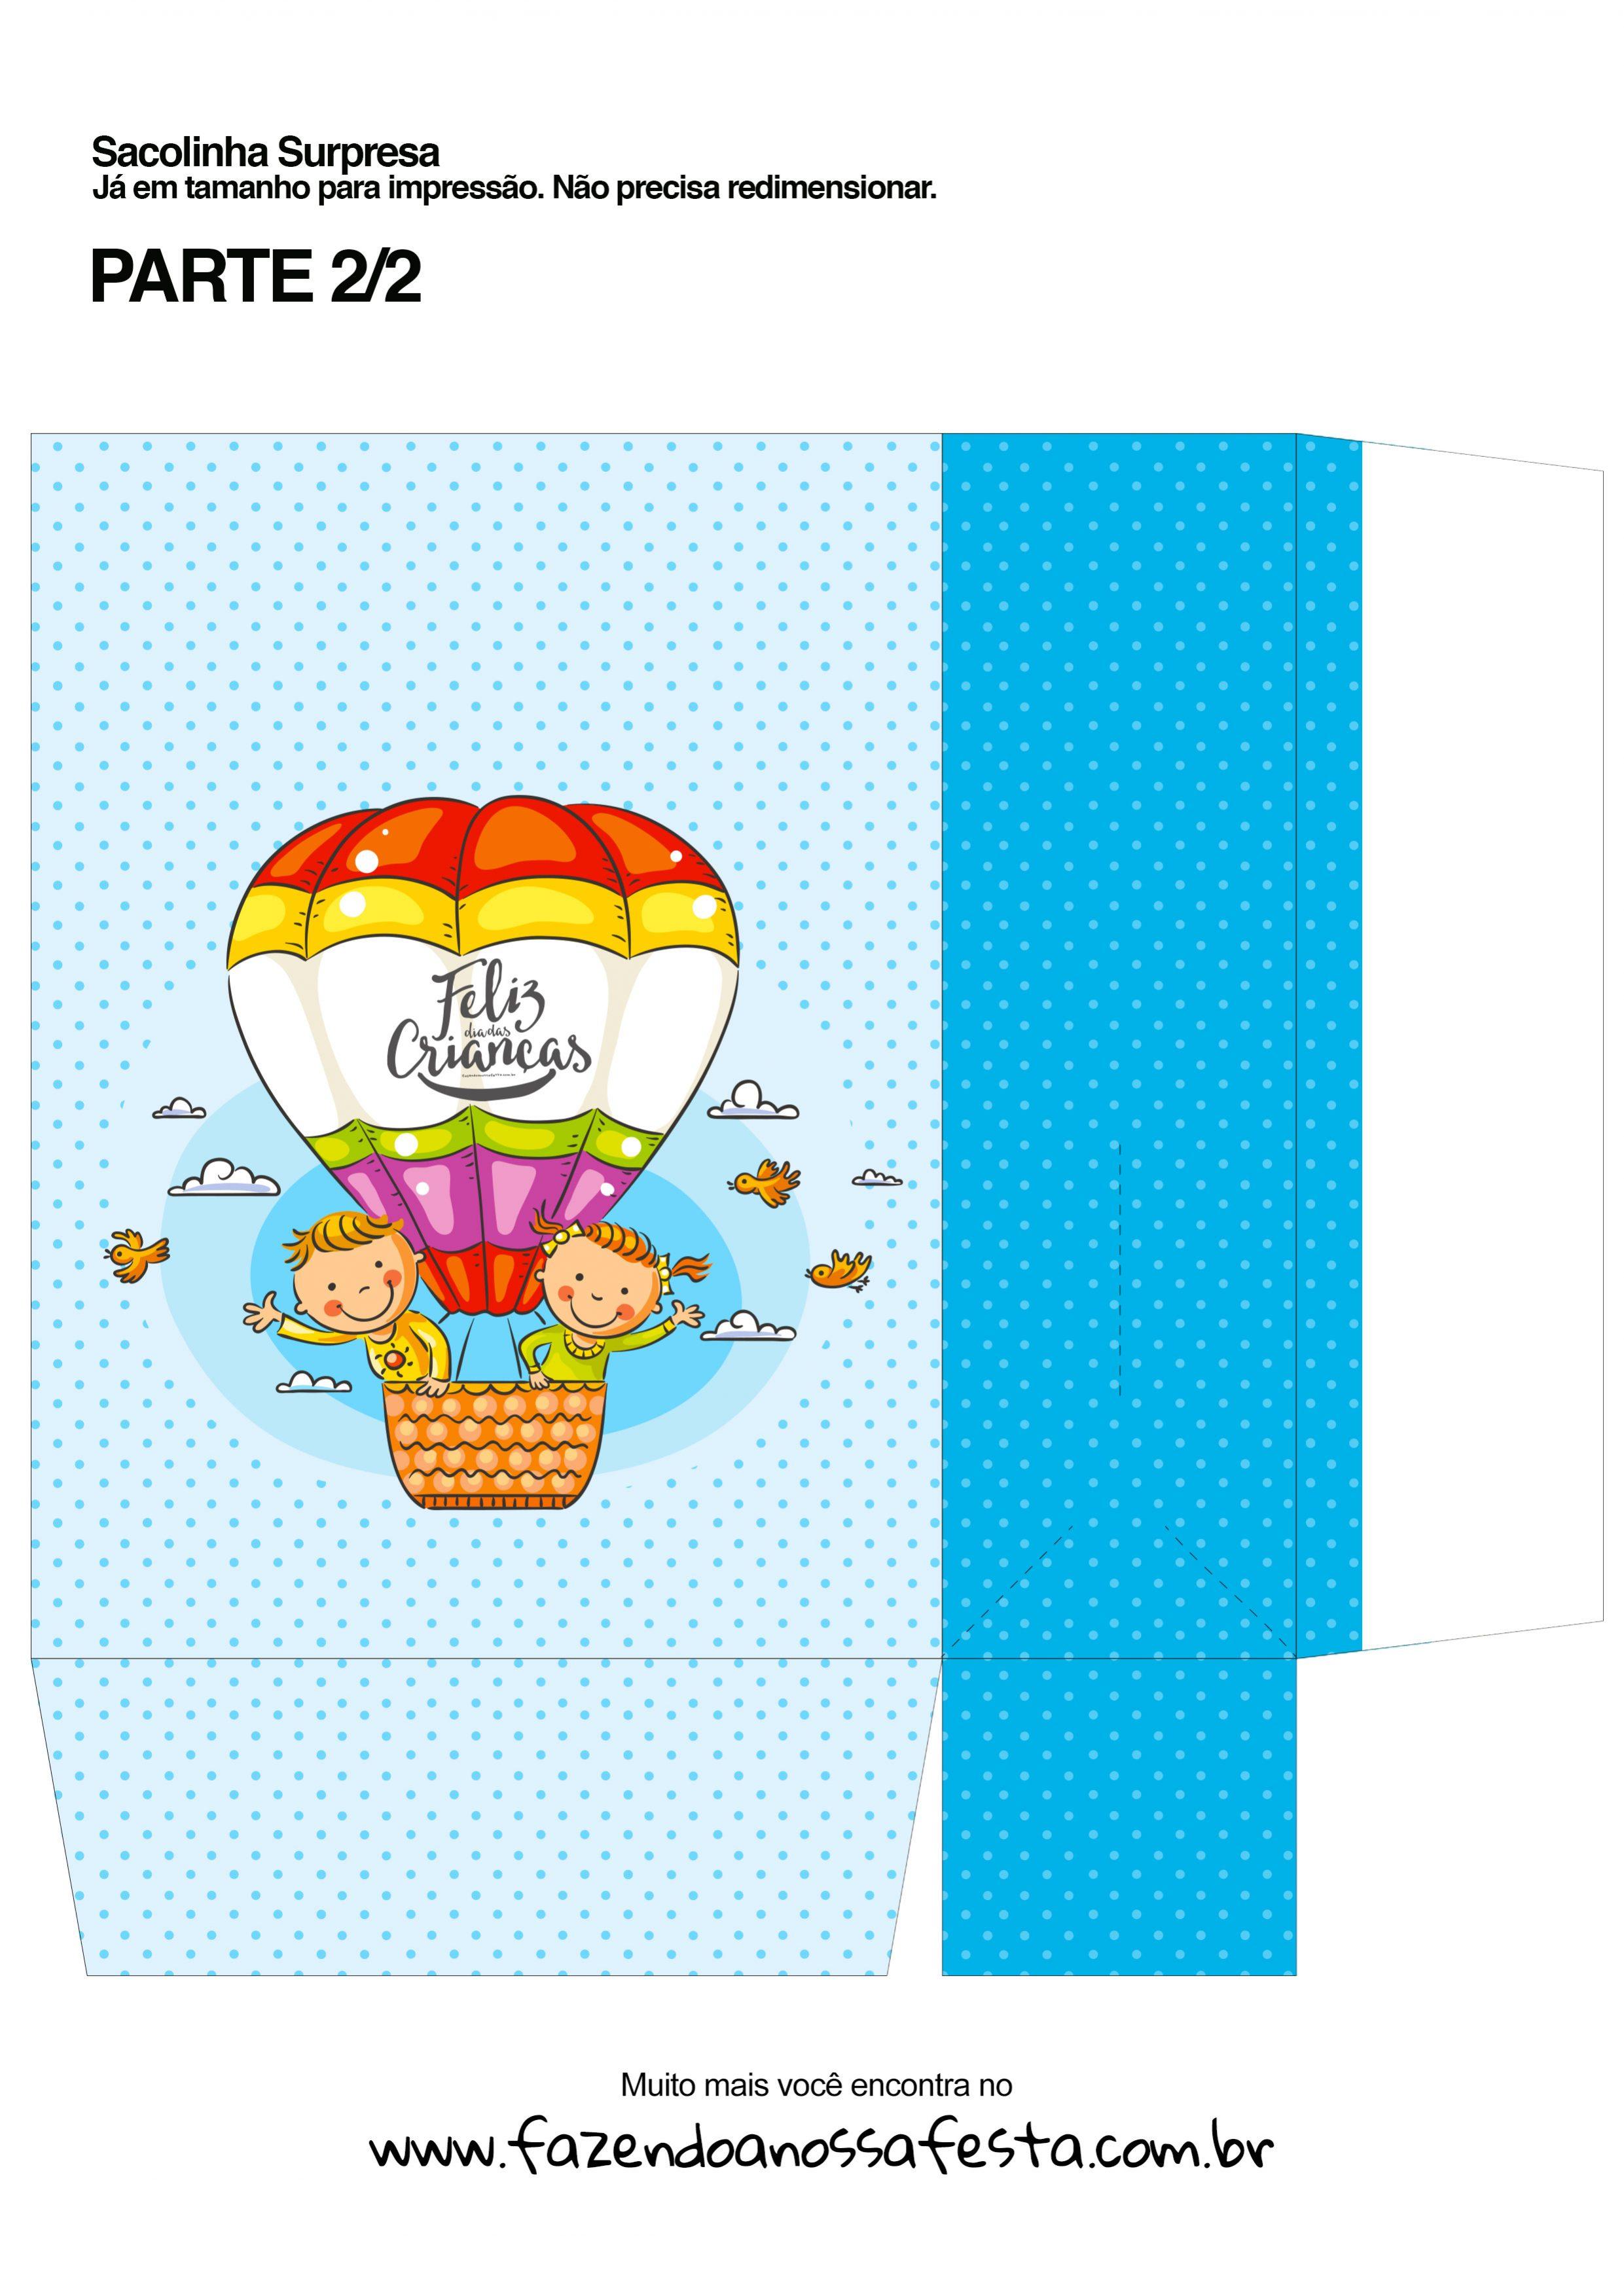 Sacolinha Surpresa Dia das Crianças Balão - parte 2